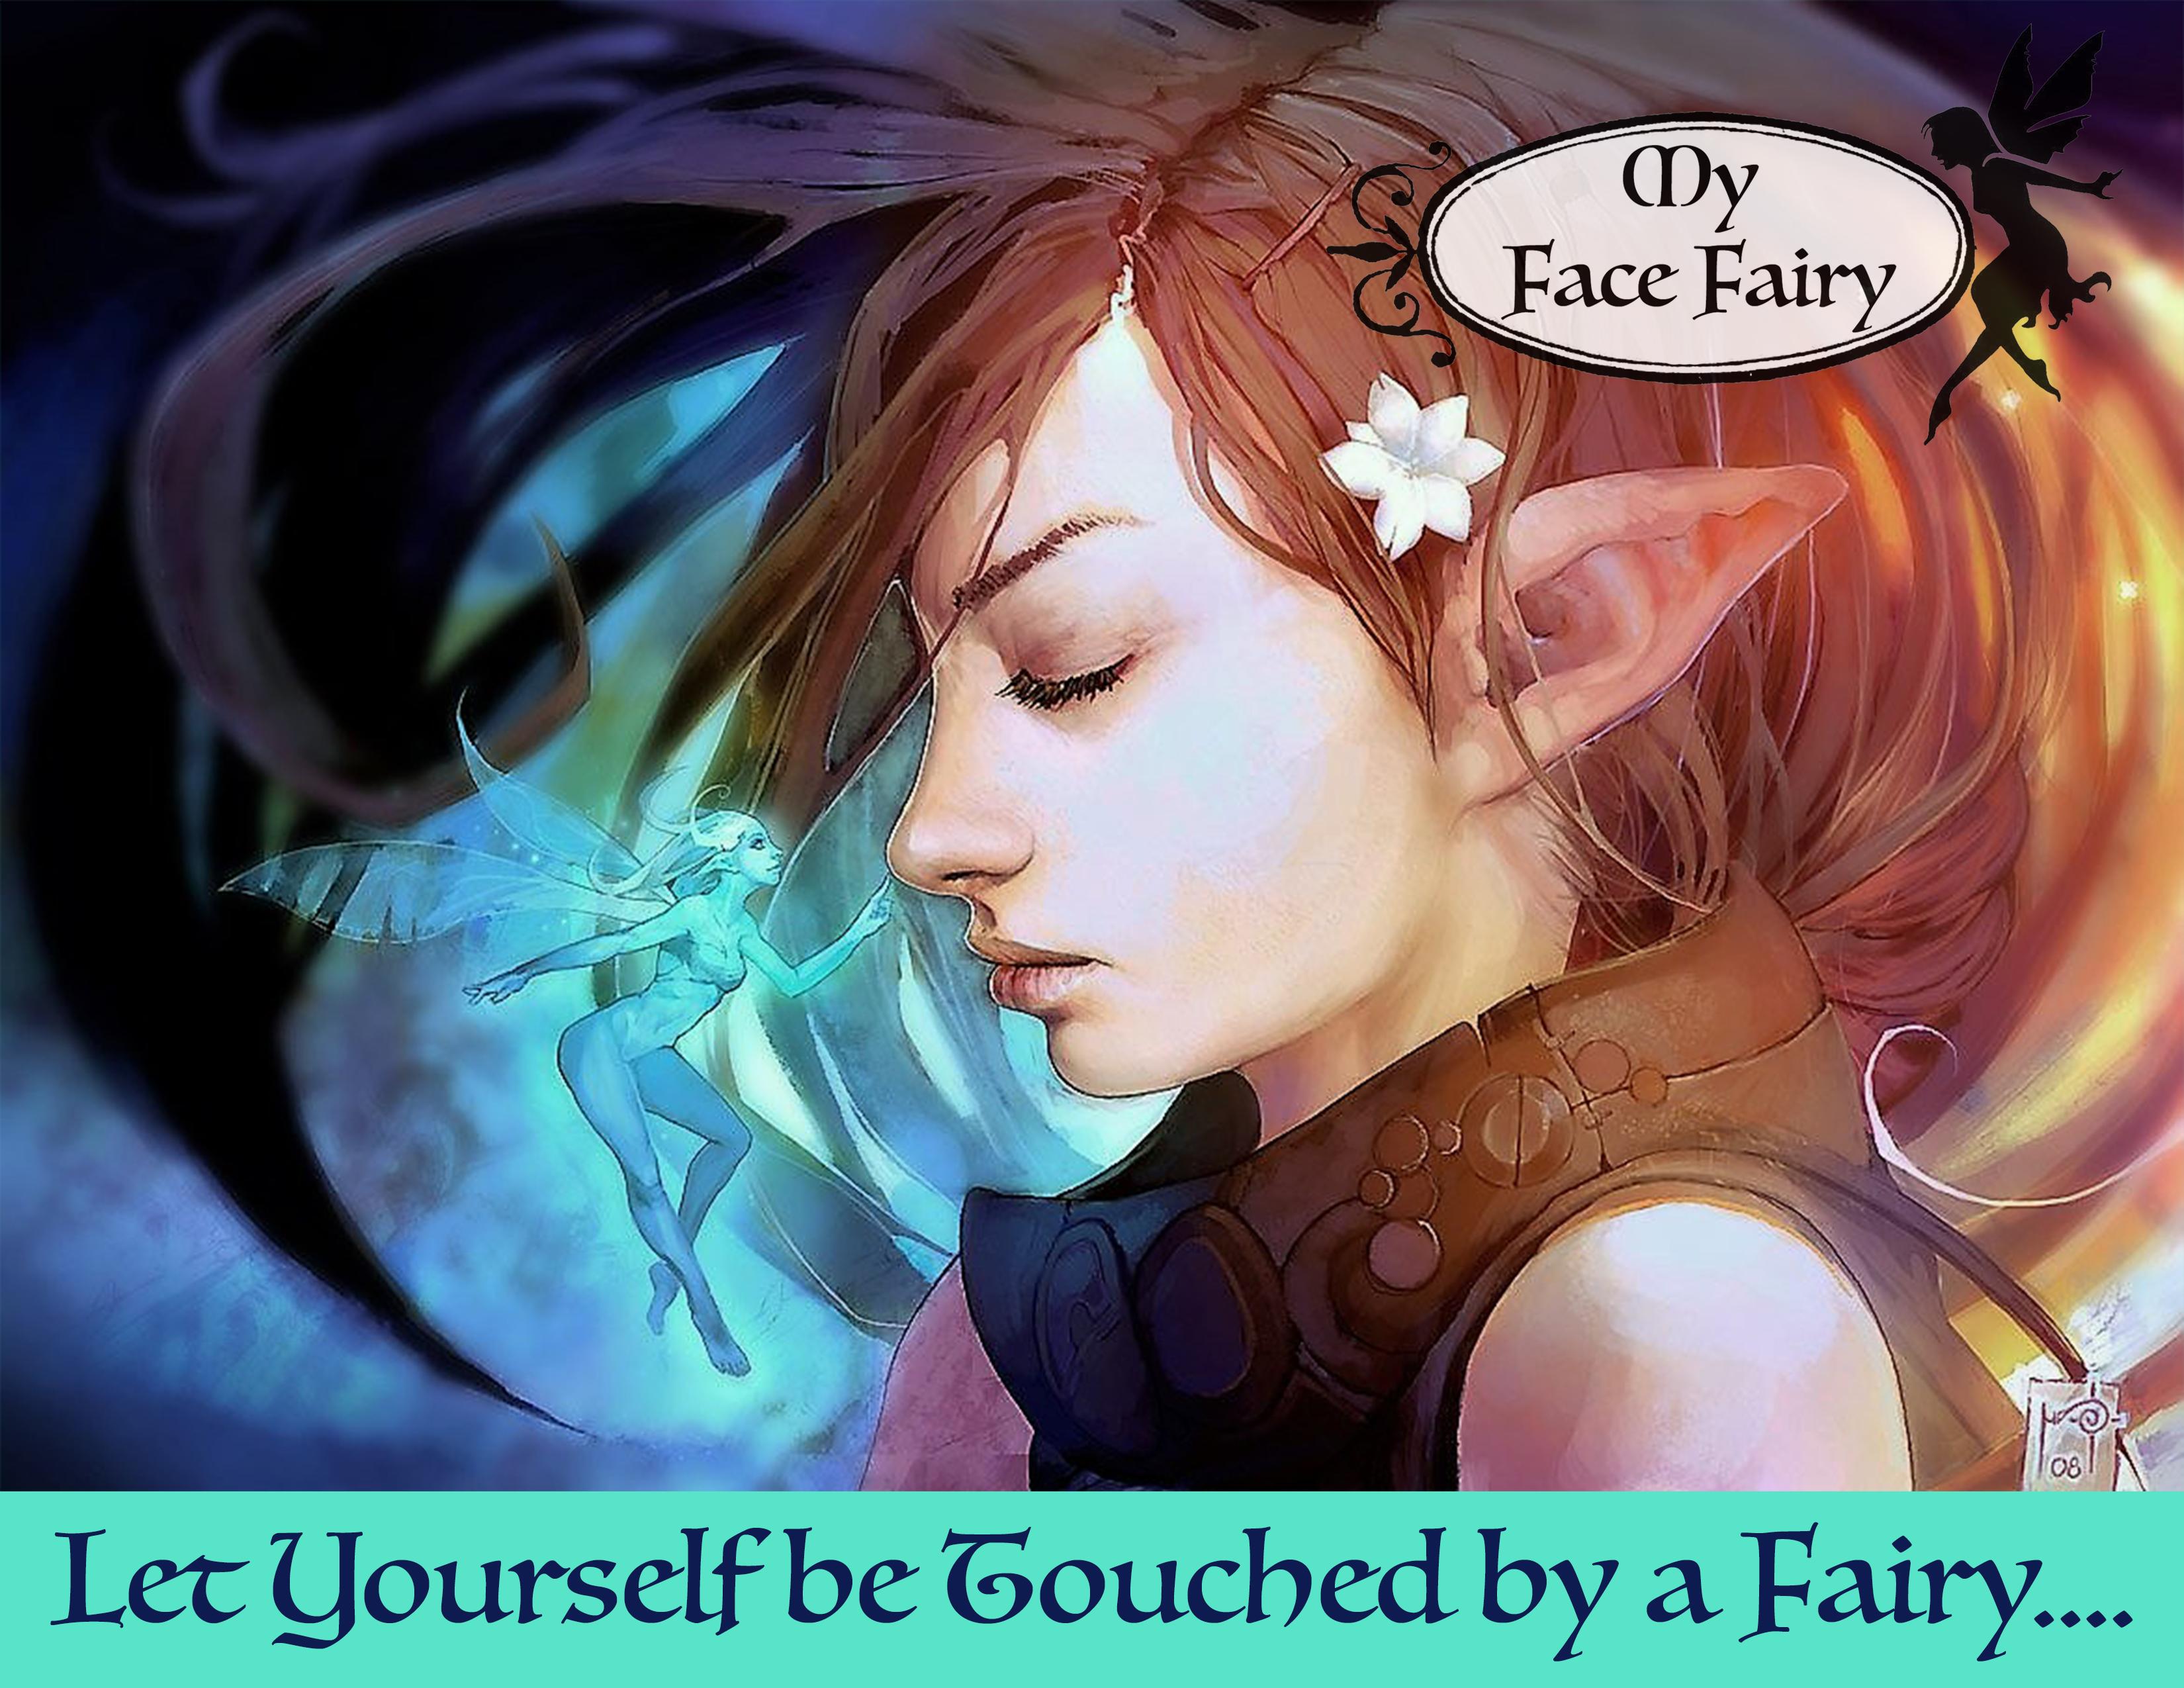 MyFaceFairyLogo.jpg